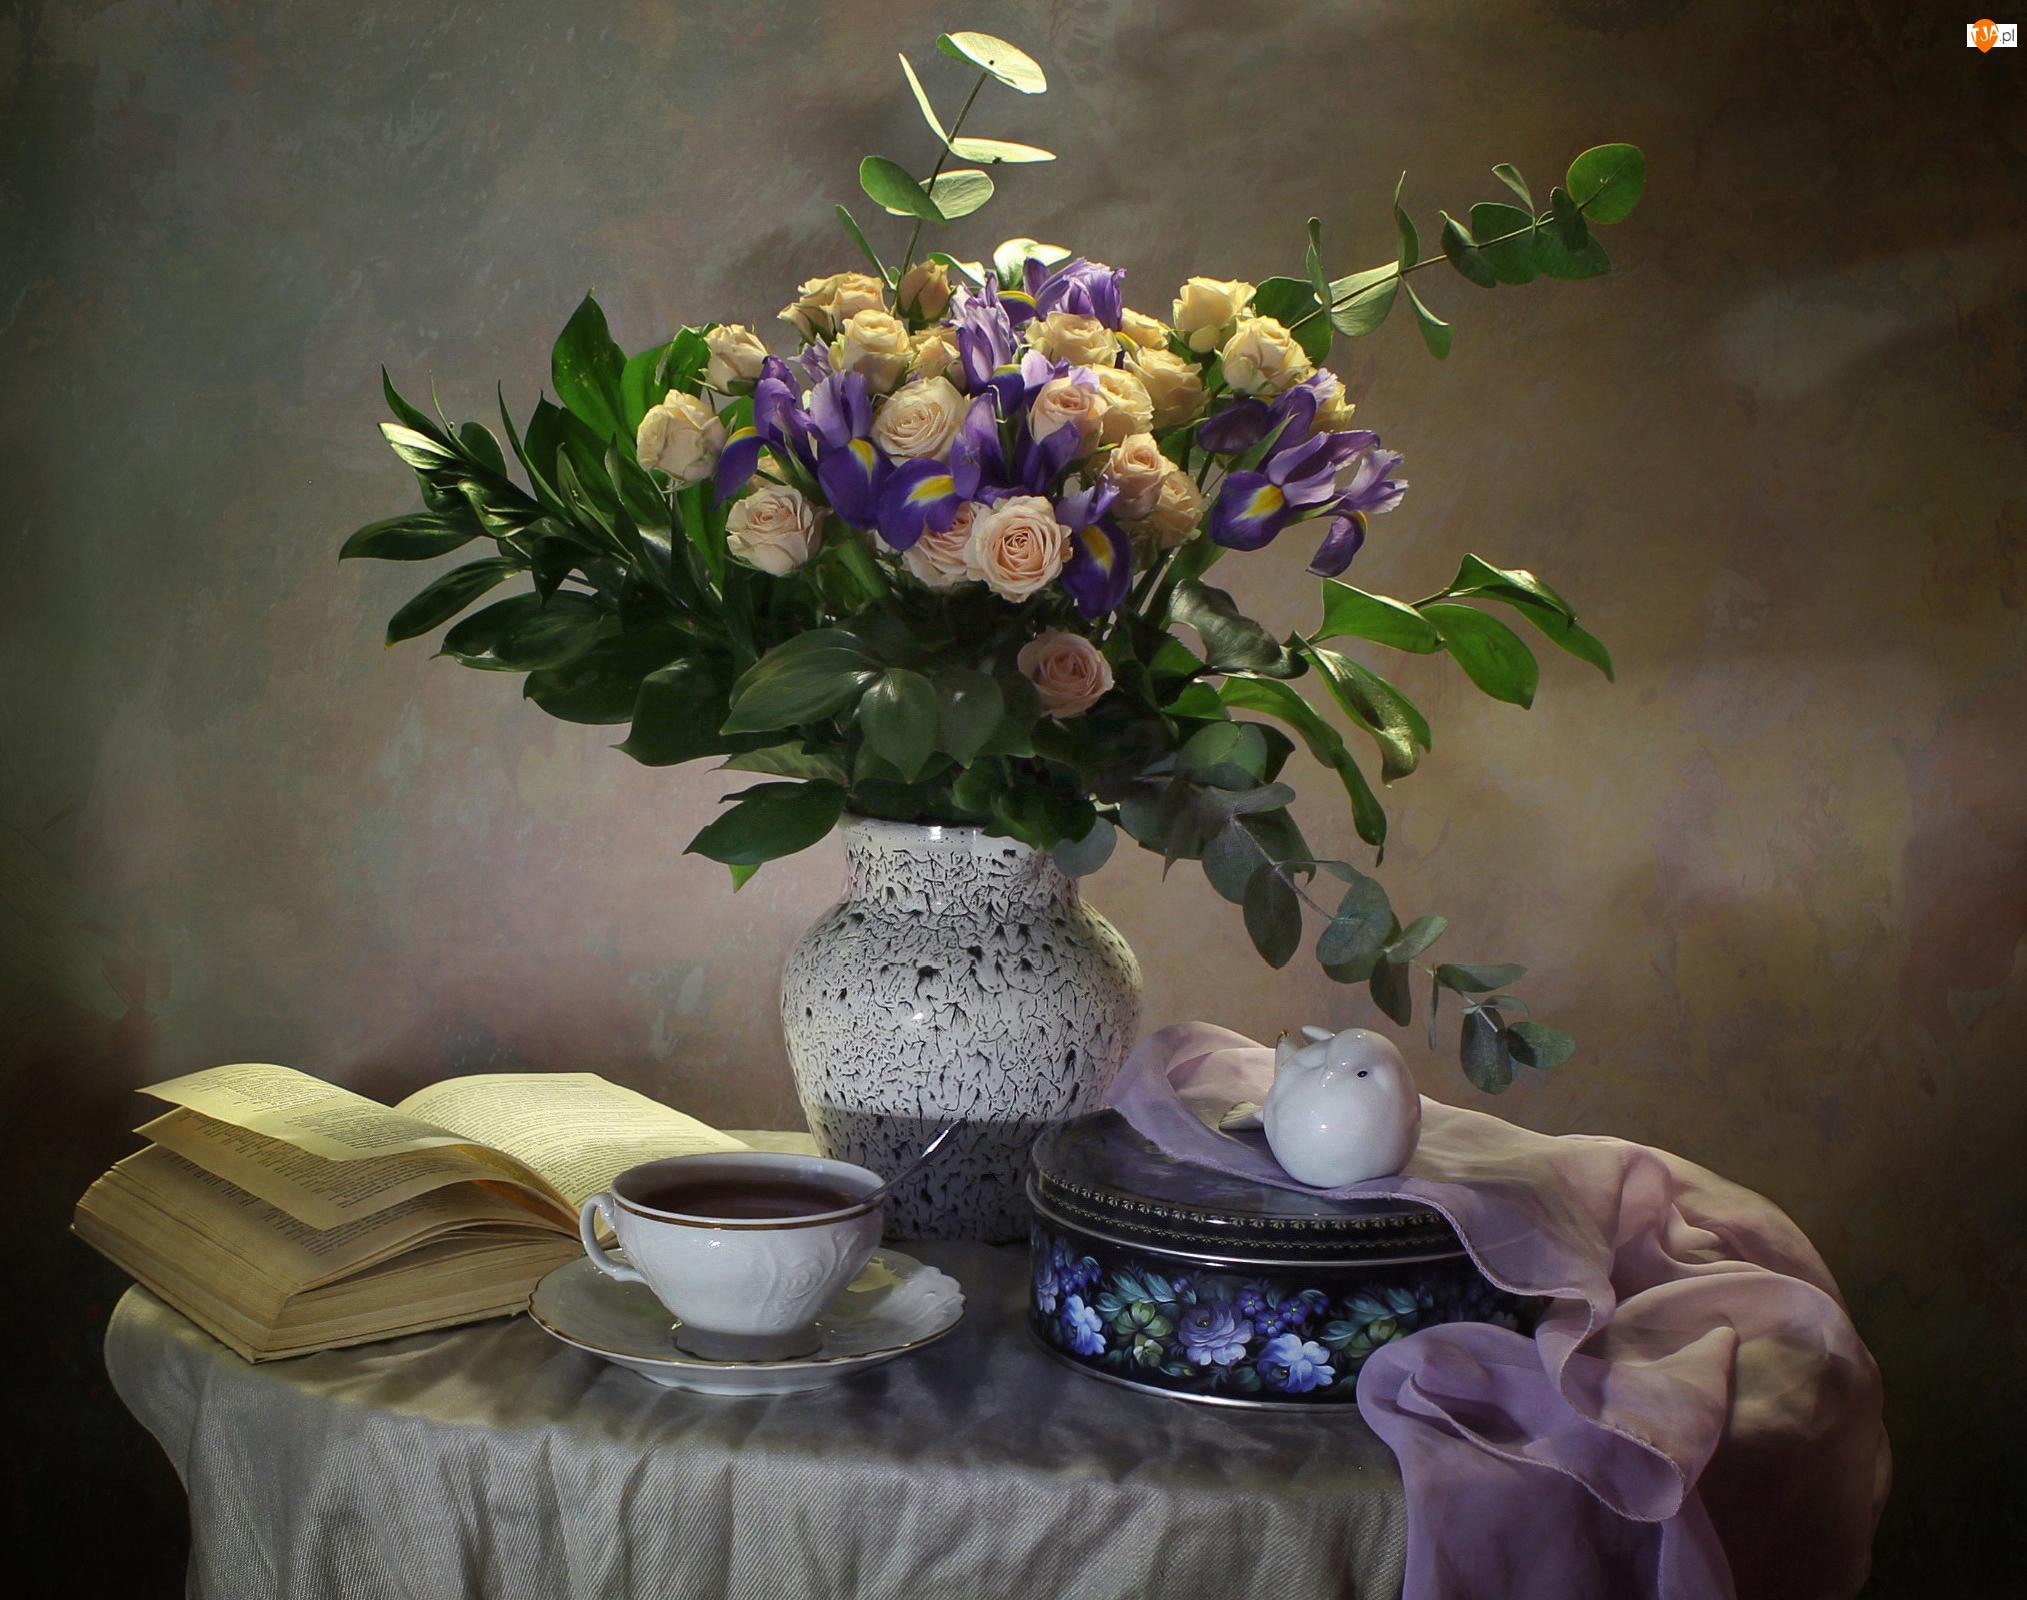 Irysy, Wazon, Herbata, Książka, Bukiet, Puszka, Gałązki, Kwiaty, Filiżanka, Róże, Kompozycja